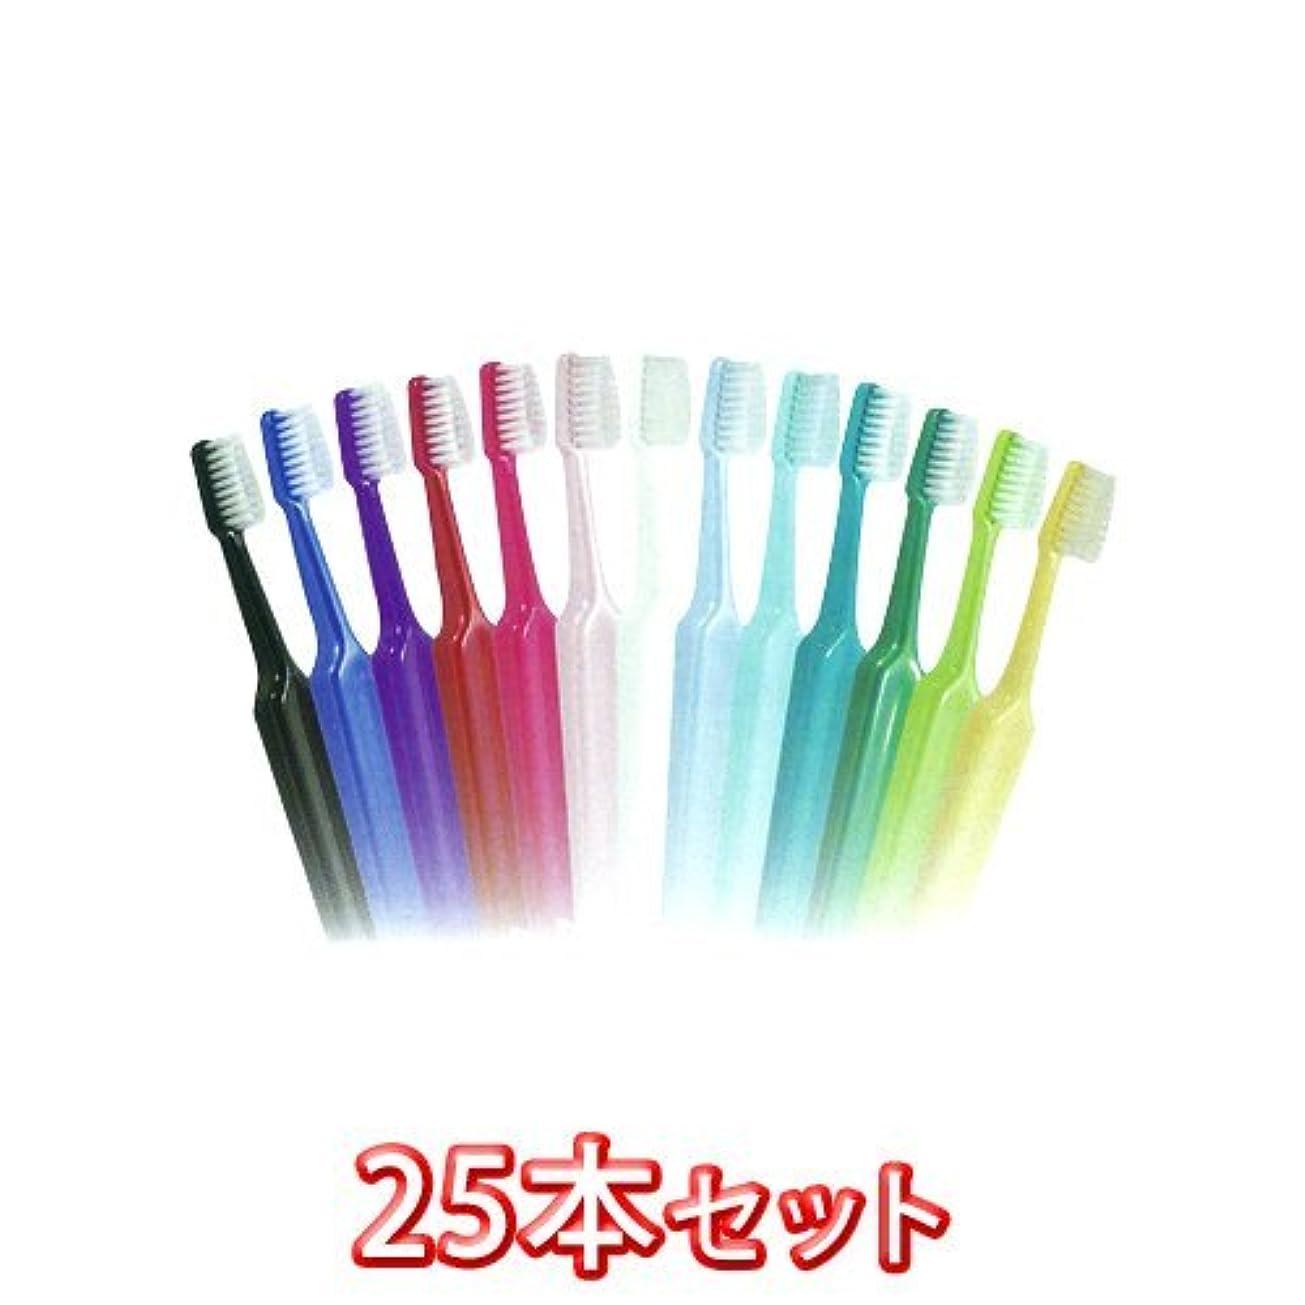 TePeテペセレクトコンパクト歯ブラシ 25本(コンパクトエクストラソフト)